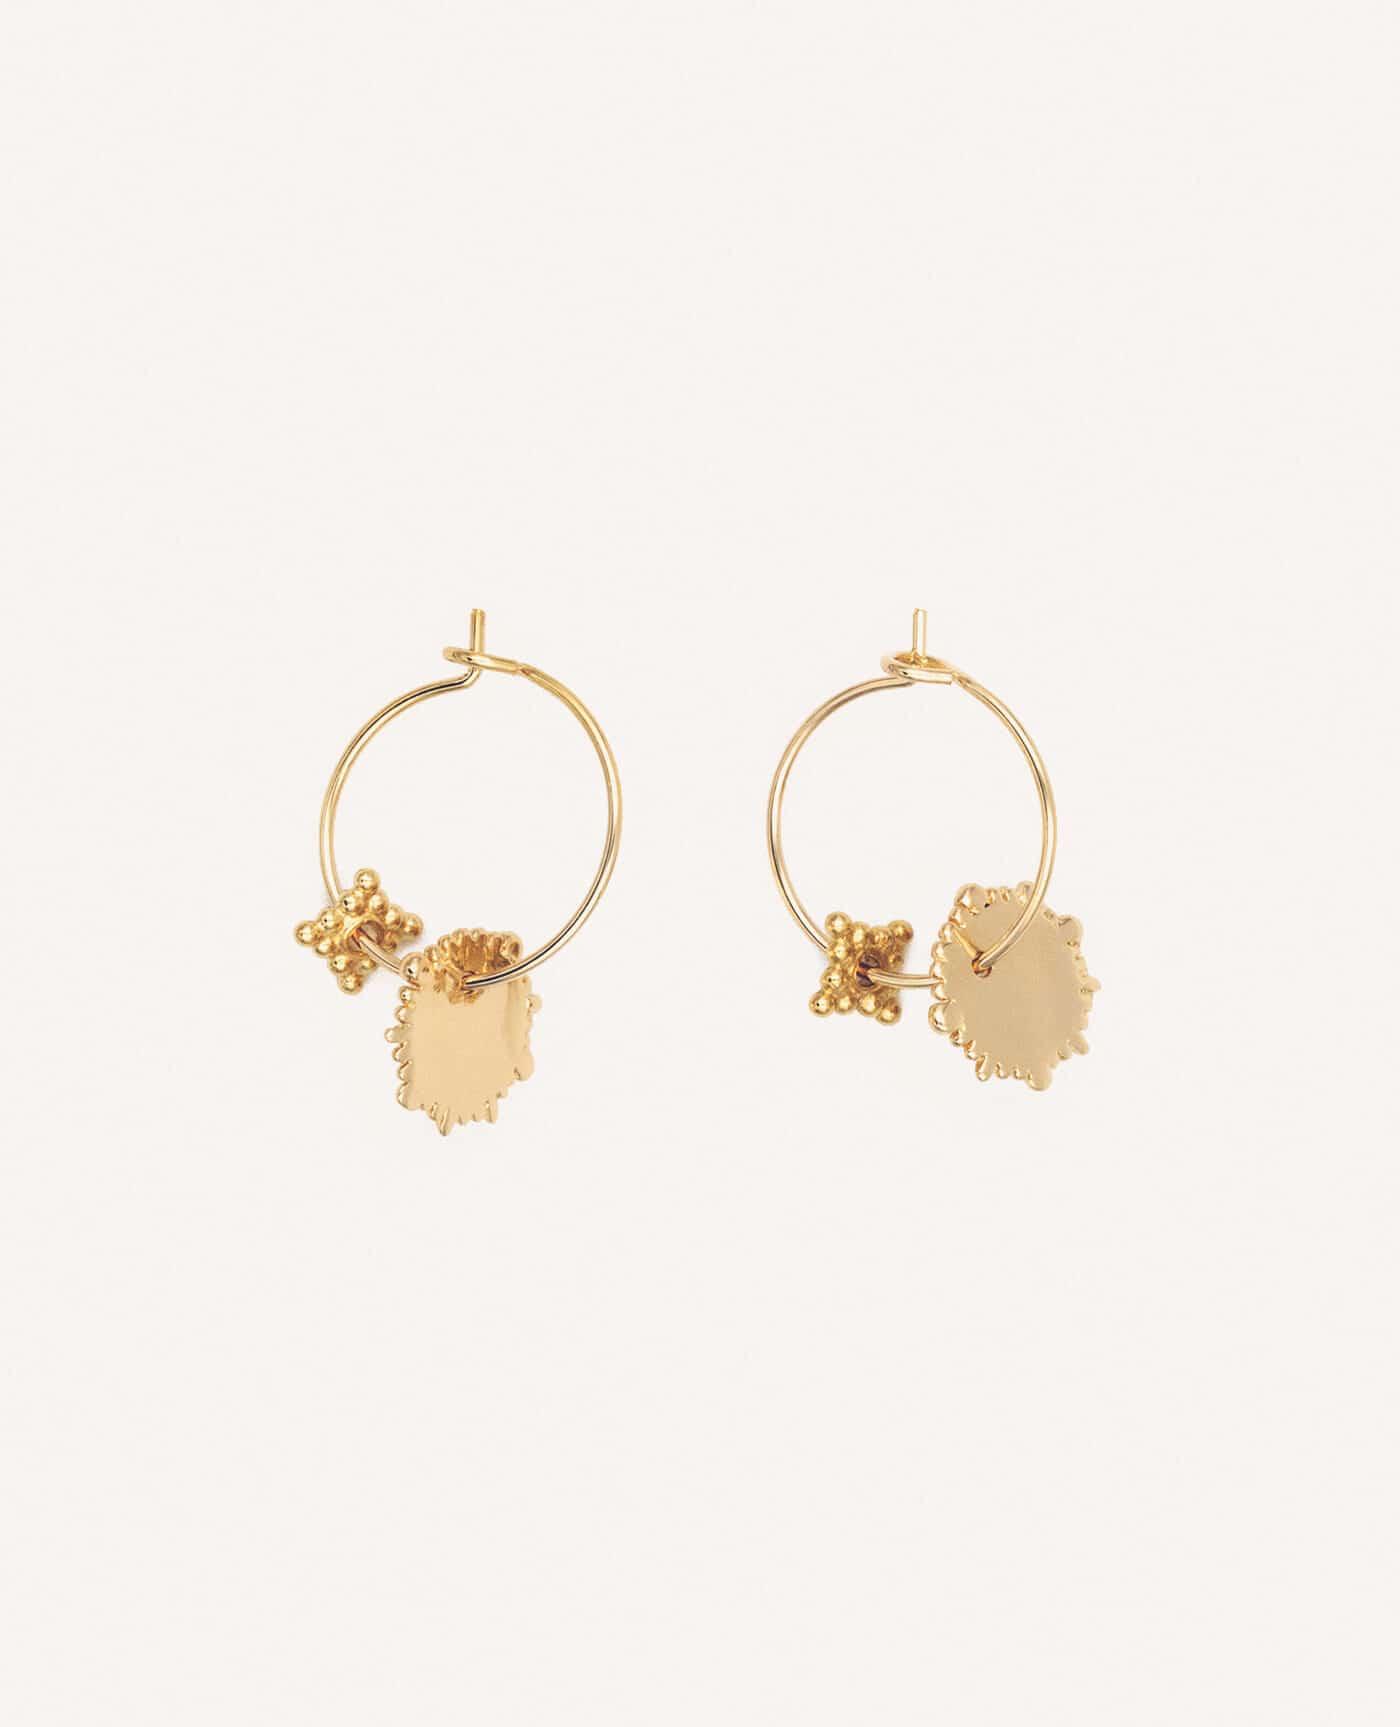 Boucles d'oreilles Charmantes or créoles de la marque Luj Paris